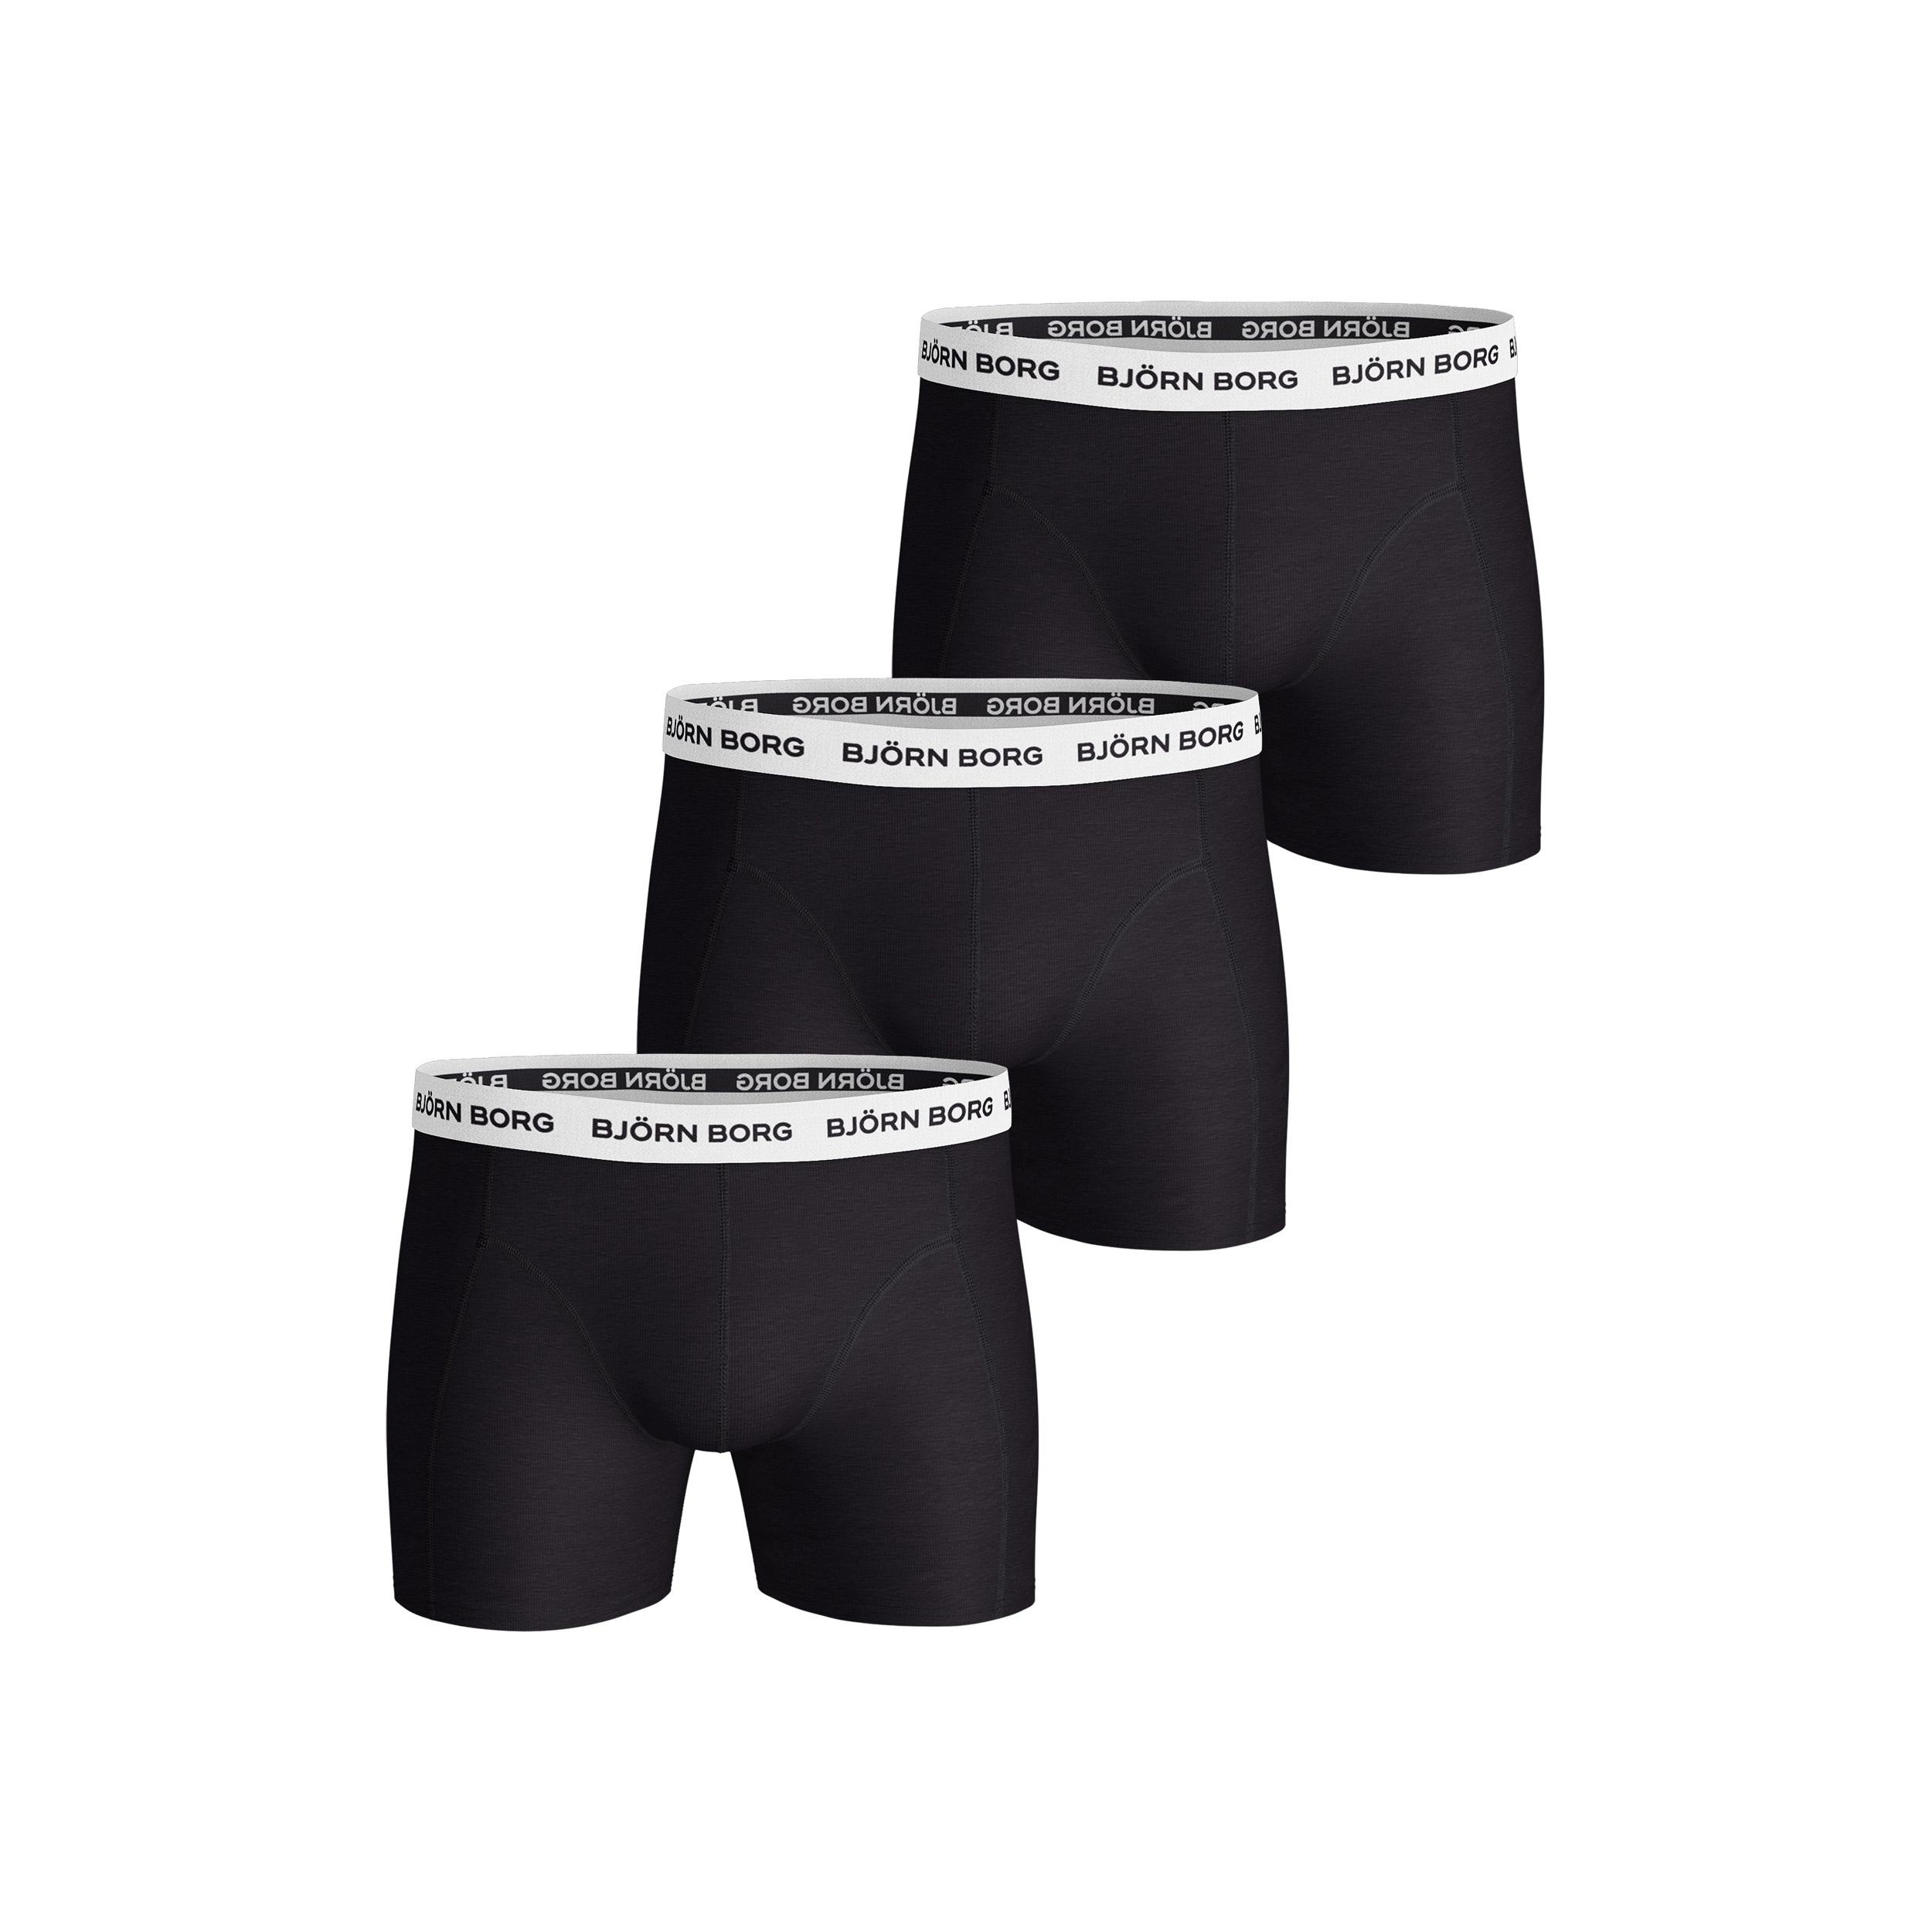 Björn Borg Herren Noos Solids Shorts  Boxer Short schwarz NEU